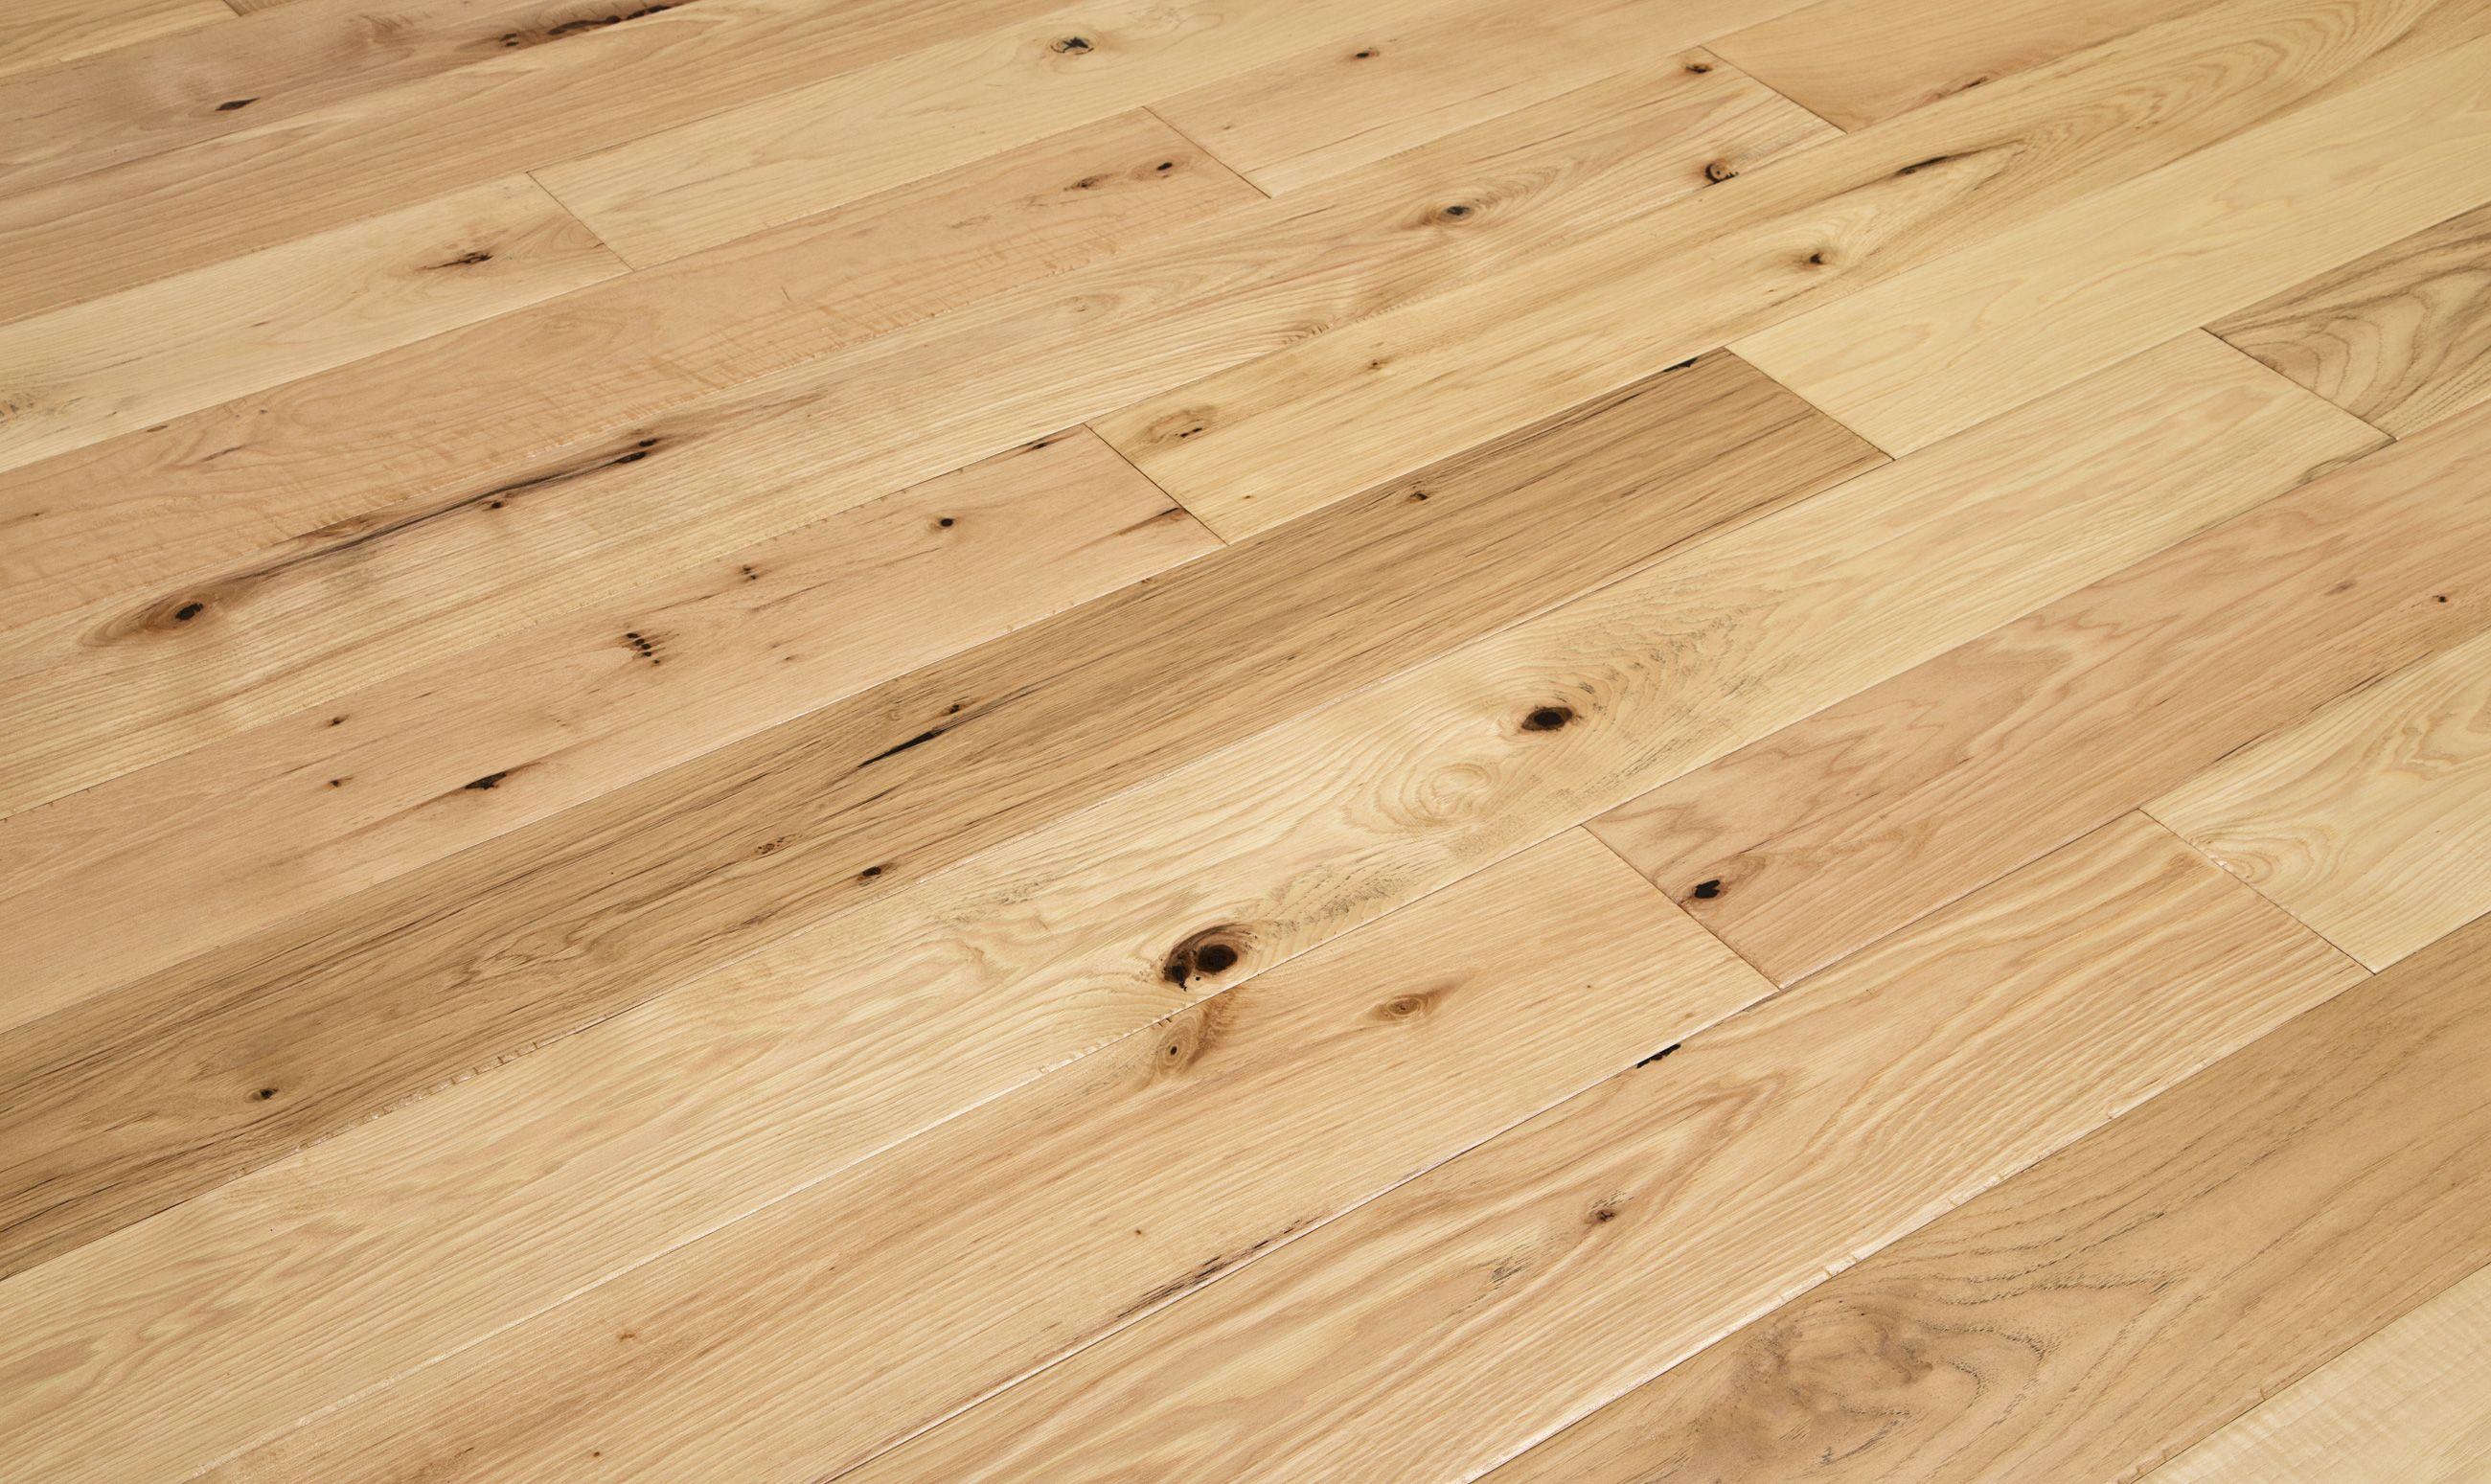 Roosevelt Light Hickory Hardwood Floors Solid Hardwood Flooring